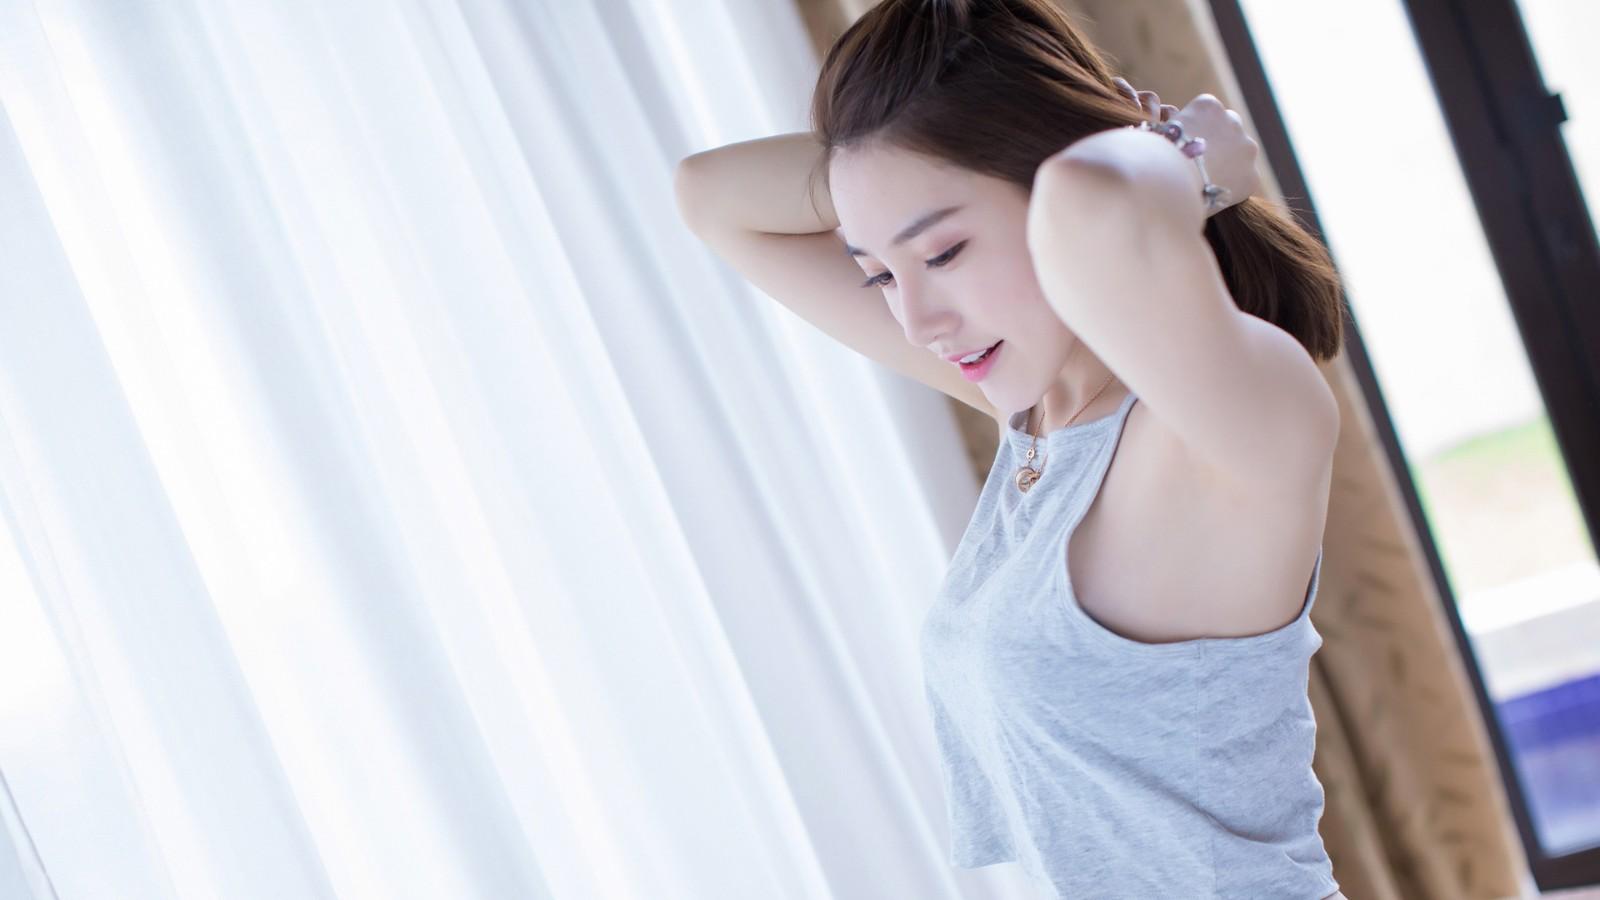 刘奕宁Lynn 温馨清新美女壁纸